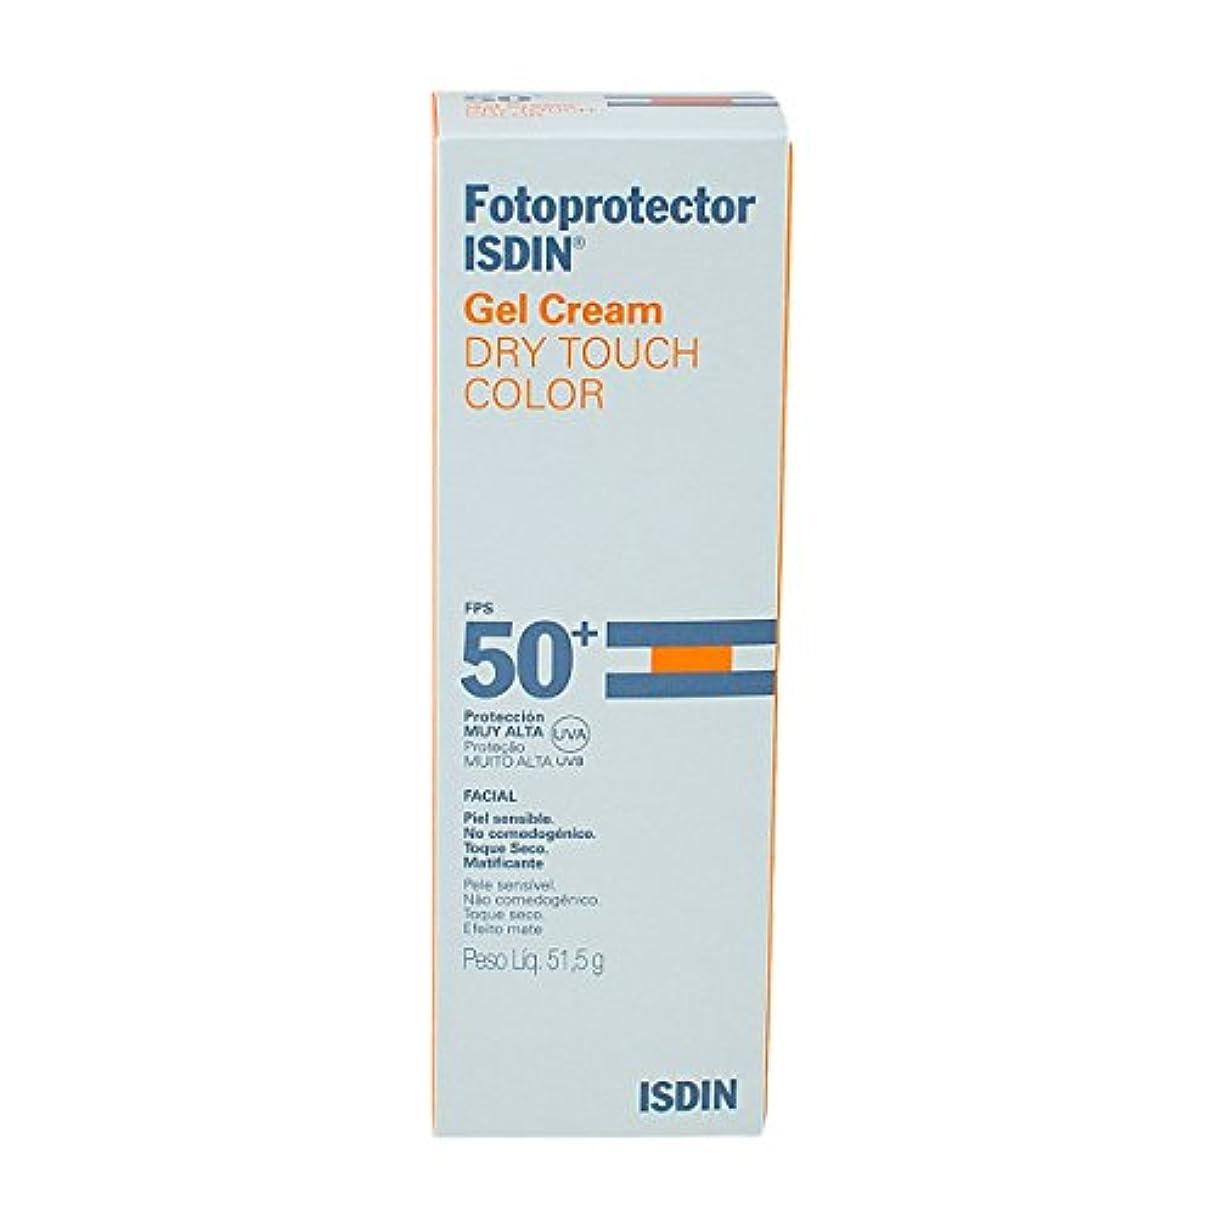 環境保護主義者飾り羽たるみIsdin Sunscreen Gel Cream Dry Touch Color Spf50+ 50ml [並行輸入品]